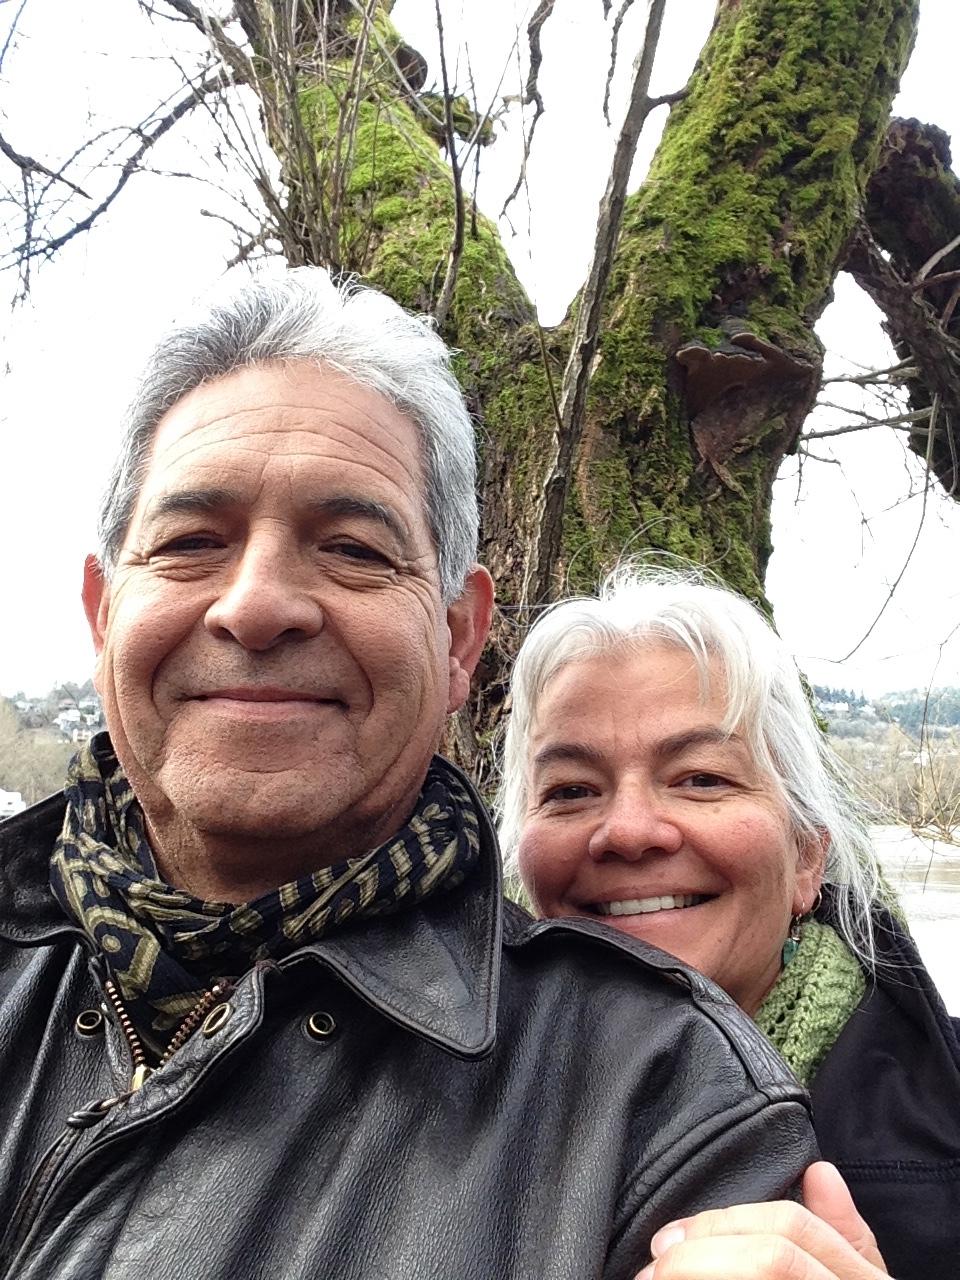 Pax and Jill taking a break near the Wilamette River in Portland Oregon.